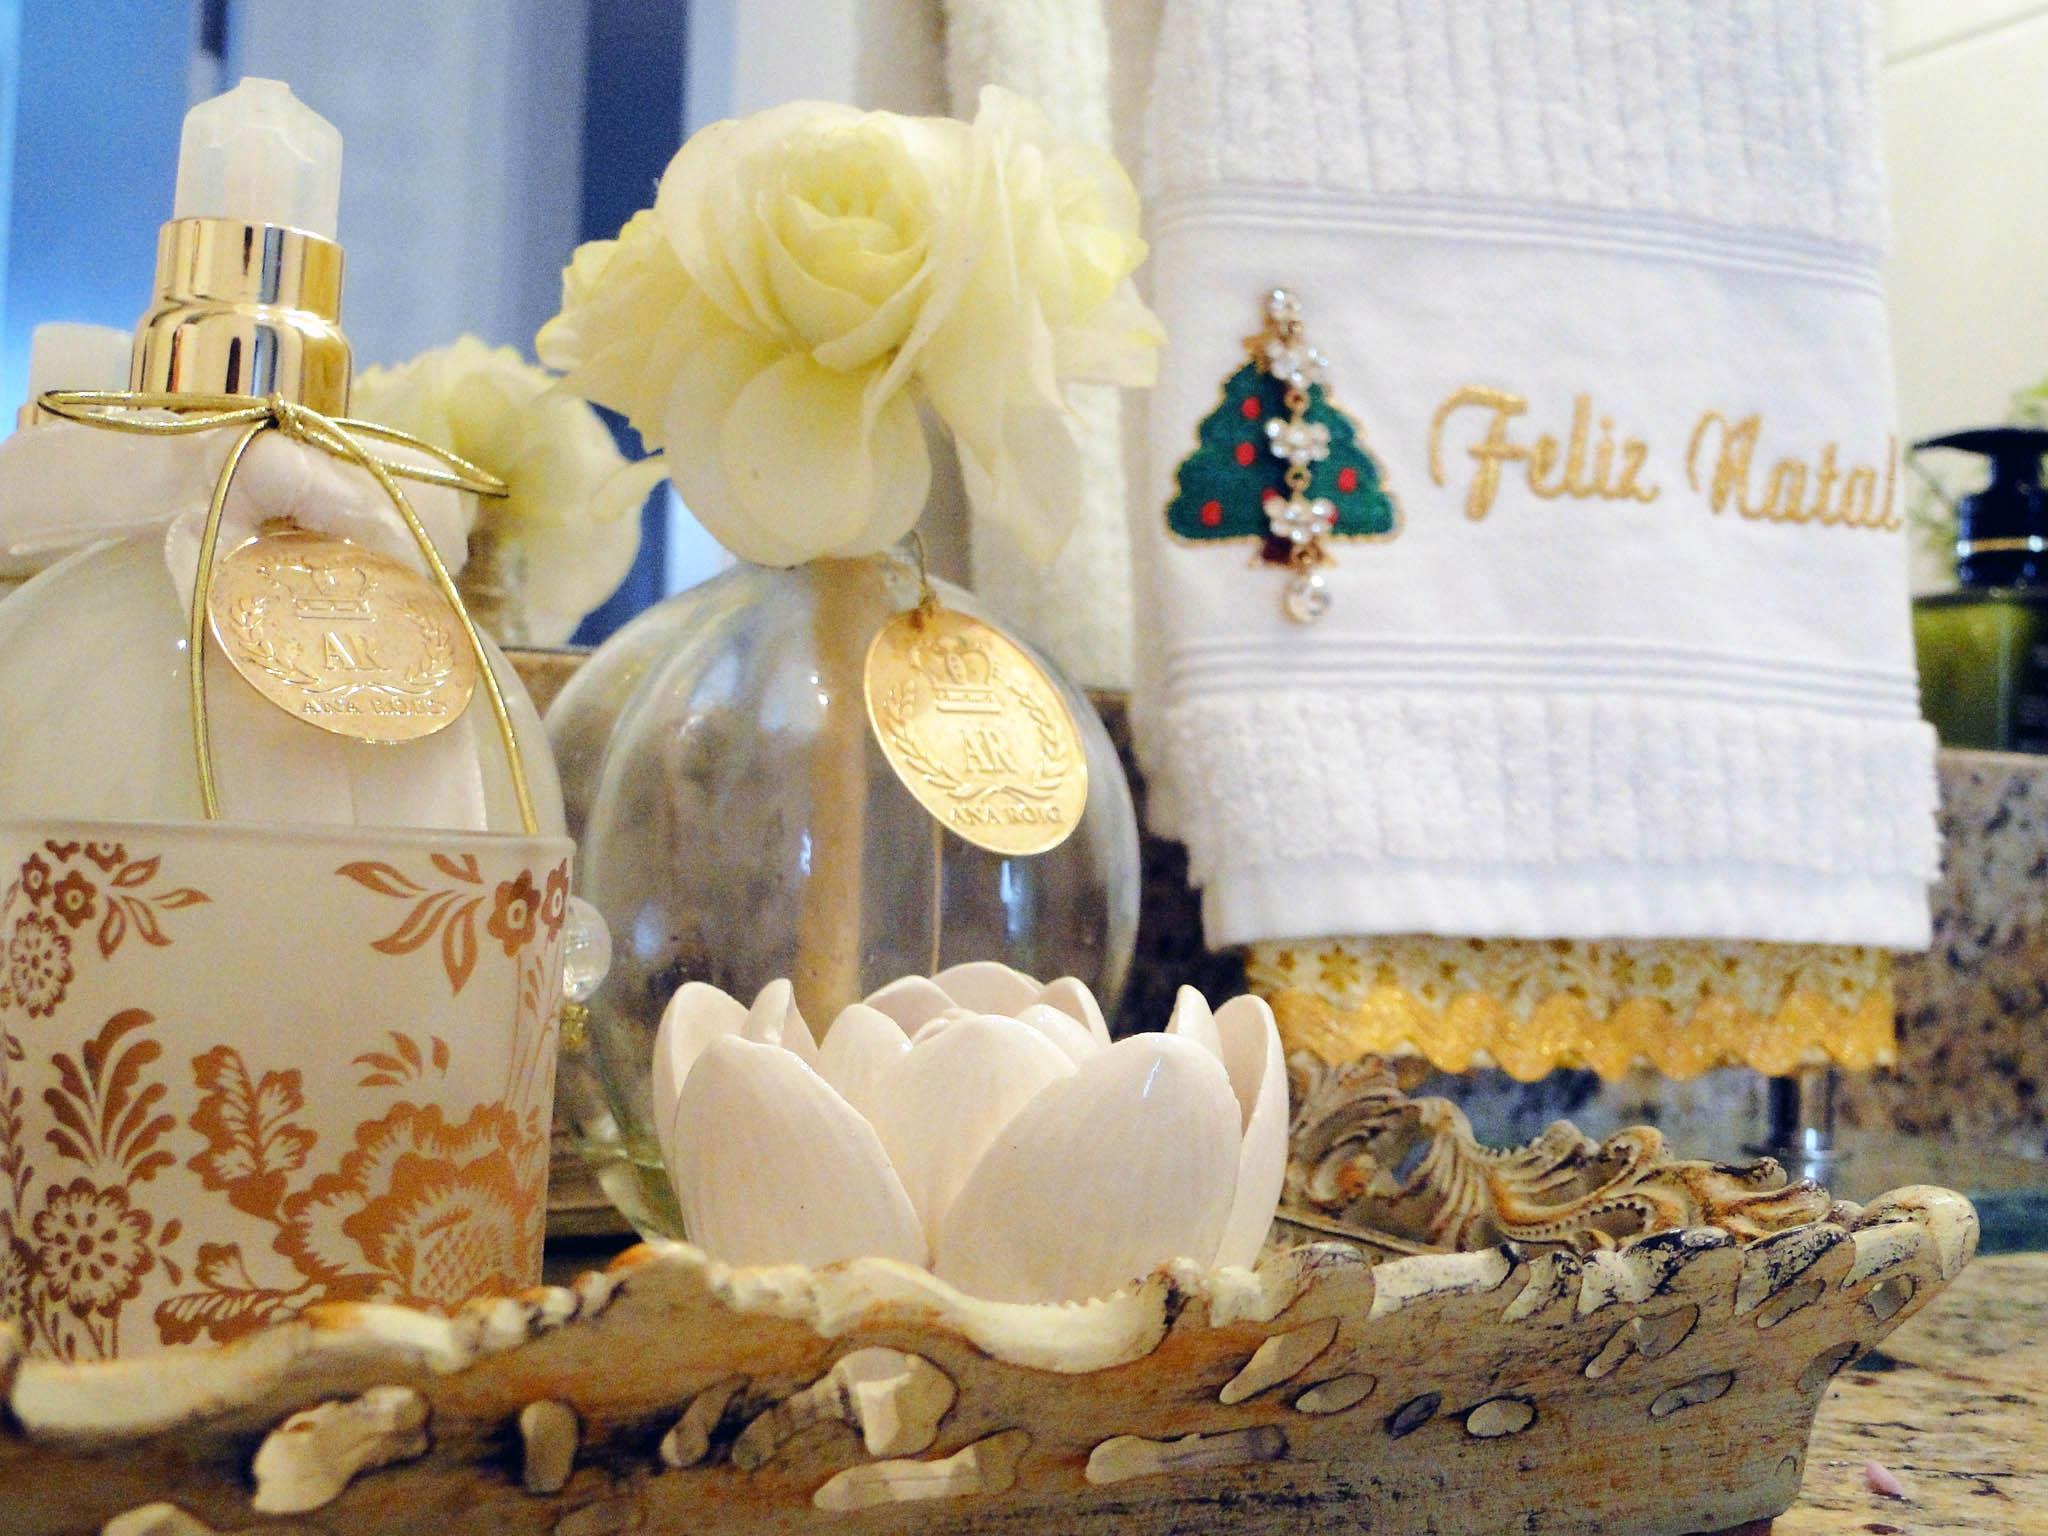 decoracao de lavabo para o natal:No lavabo ou banheiro, coloque um lindo arranjo natalino, toalha de